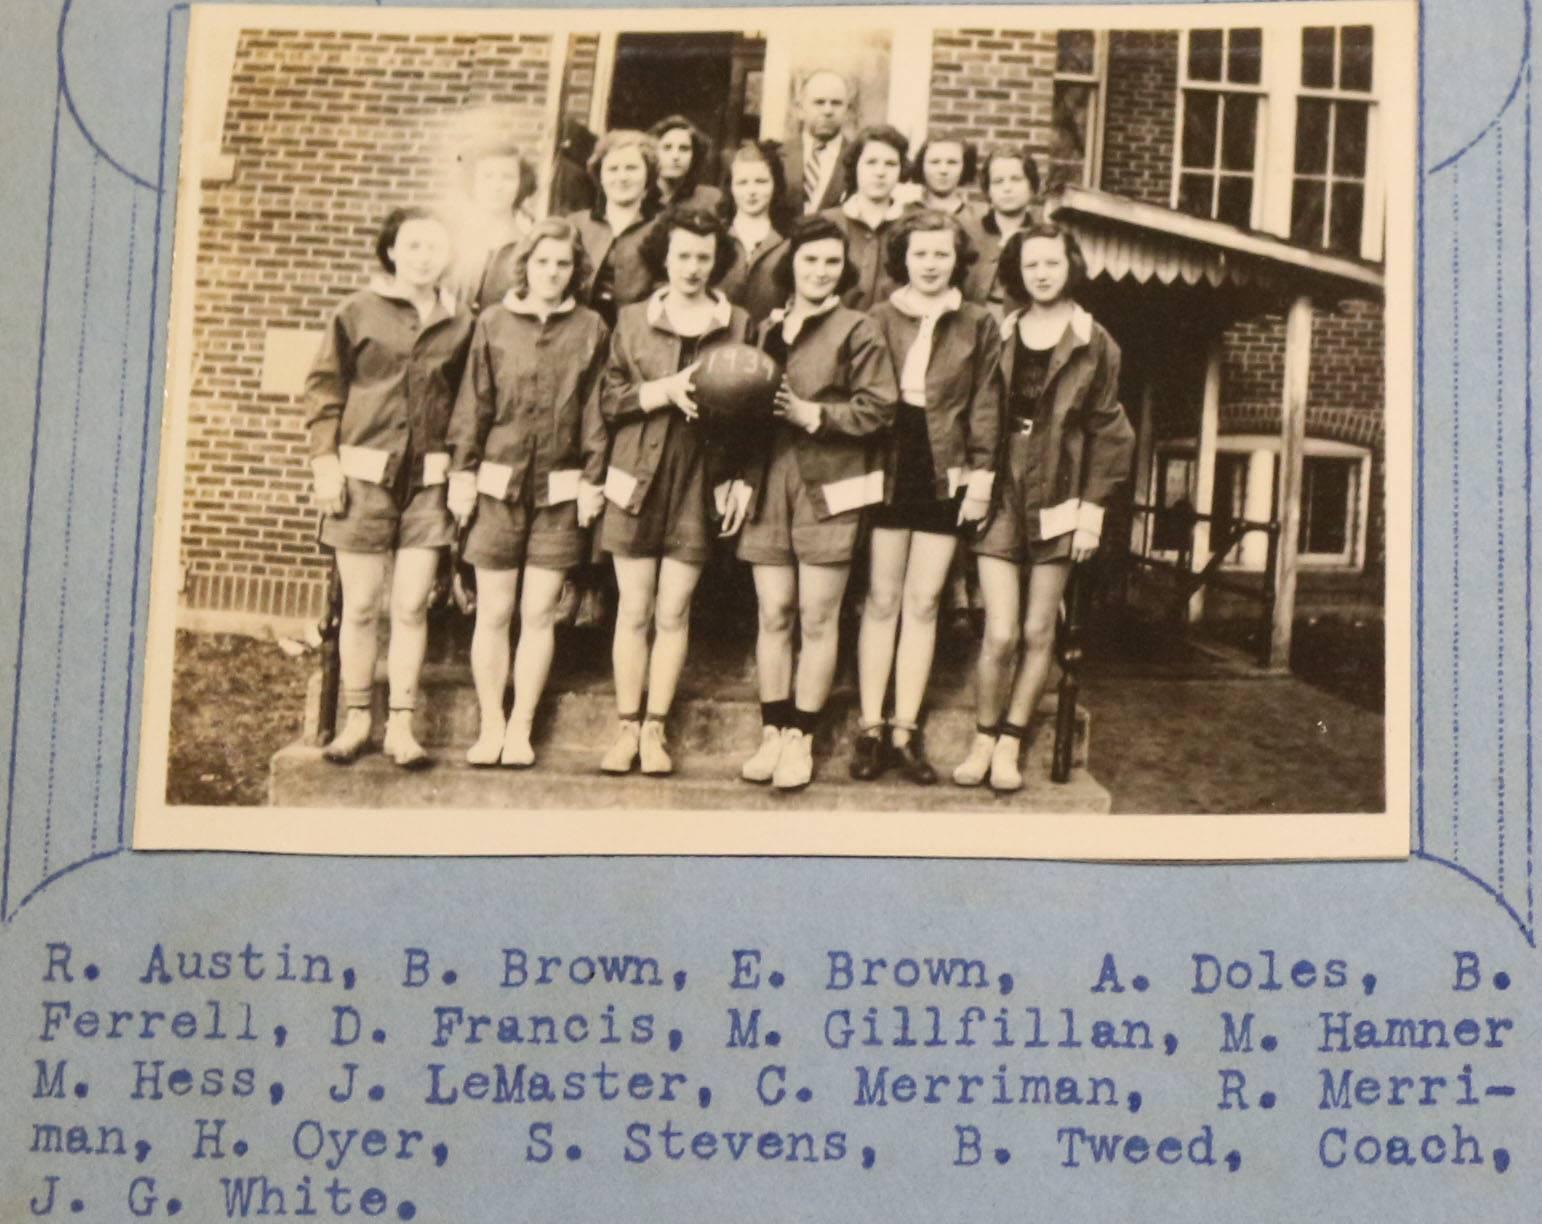 1939 Girl's Basketball